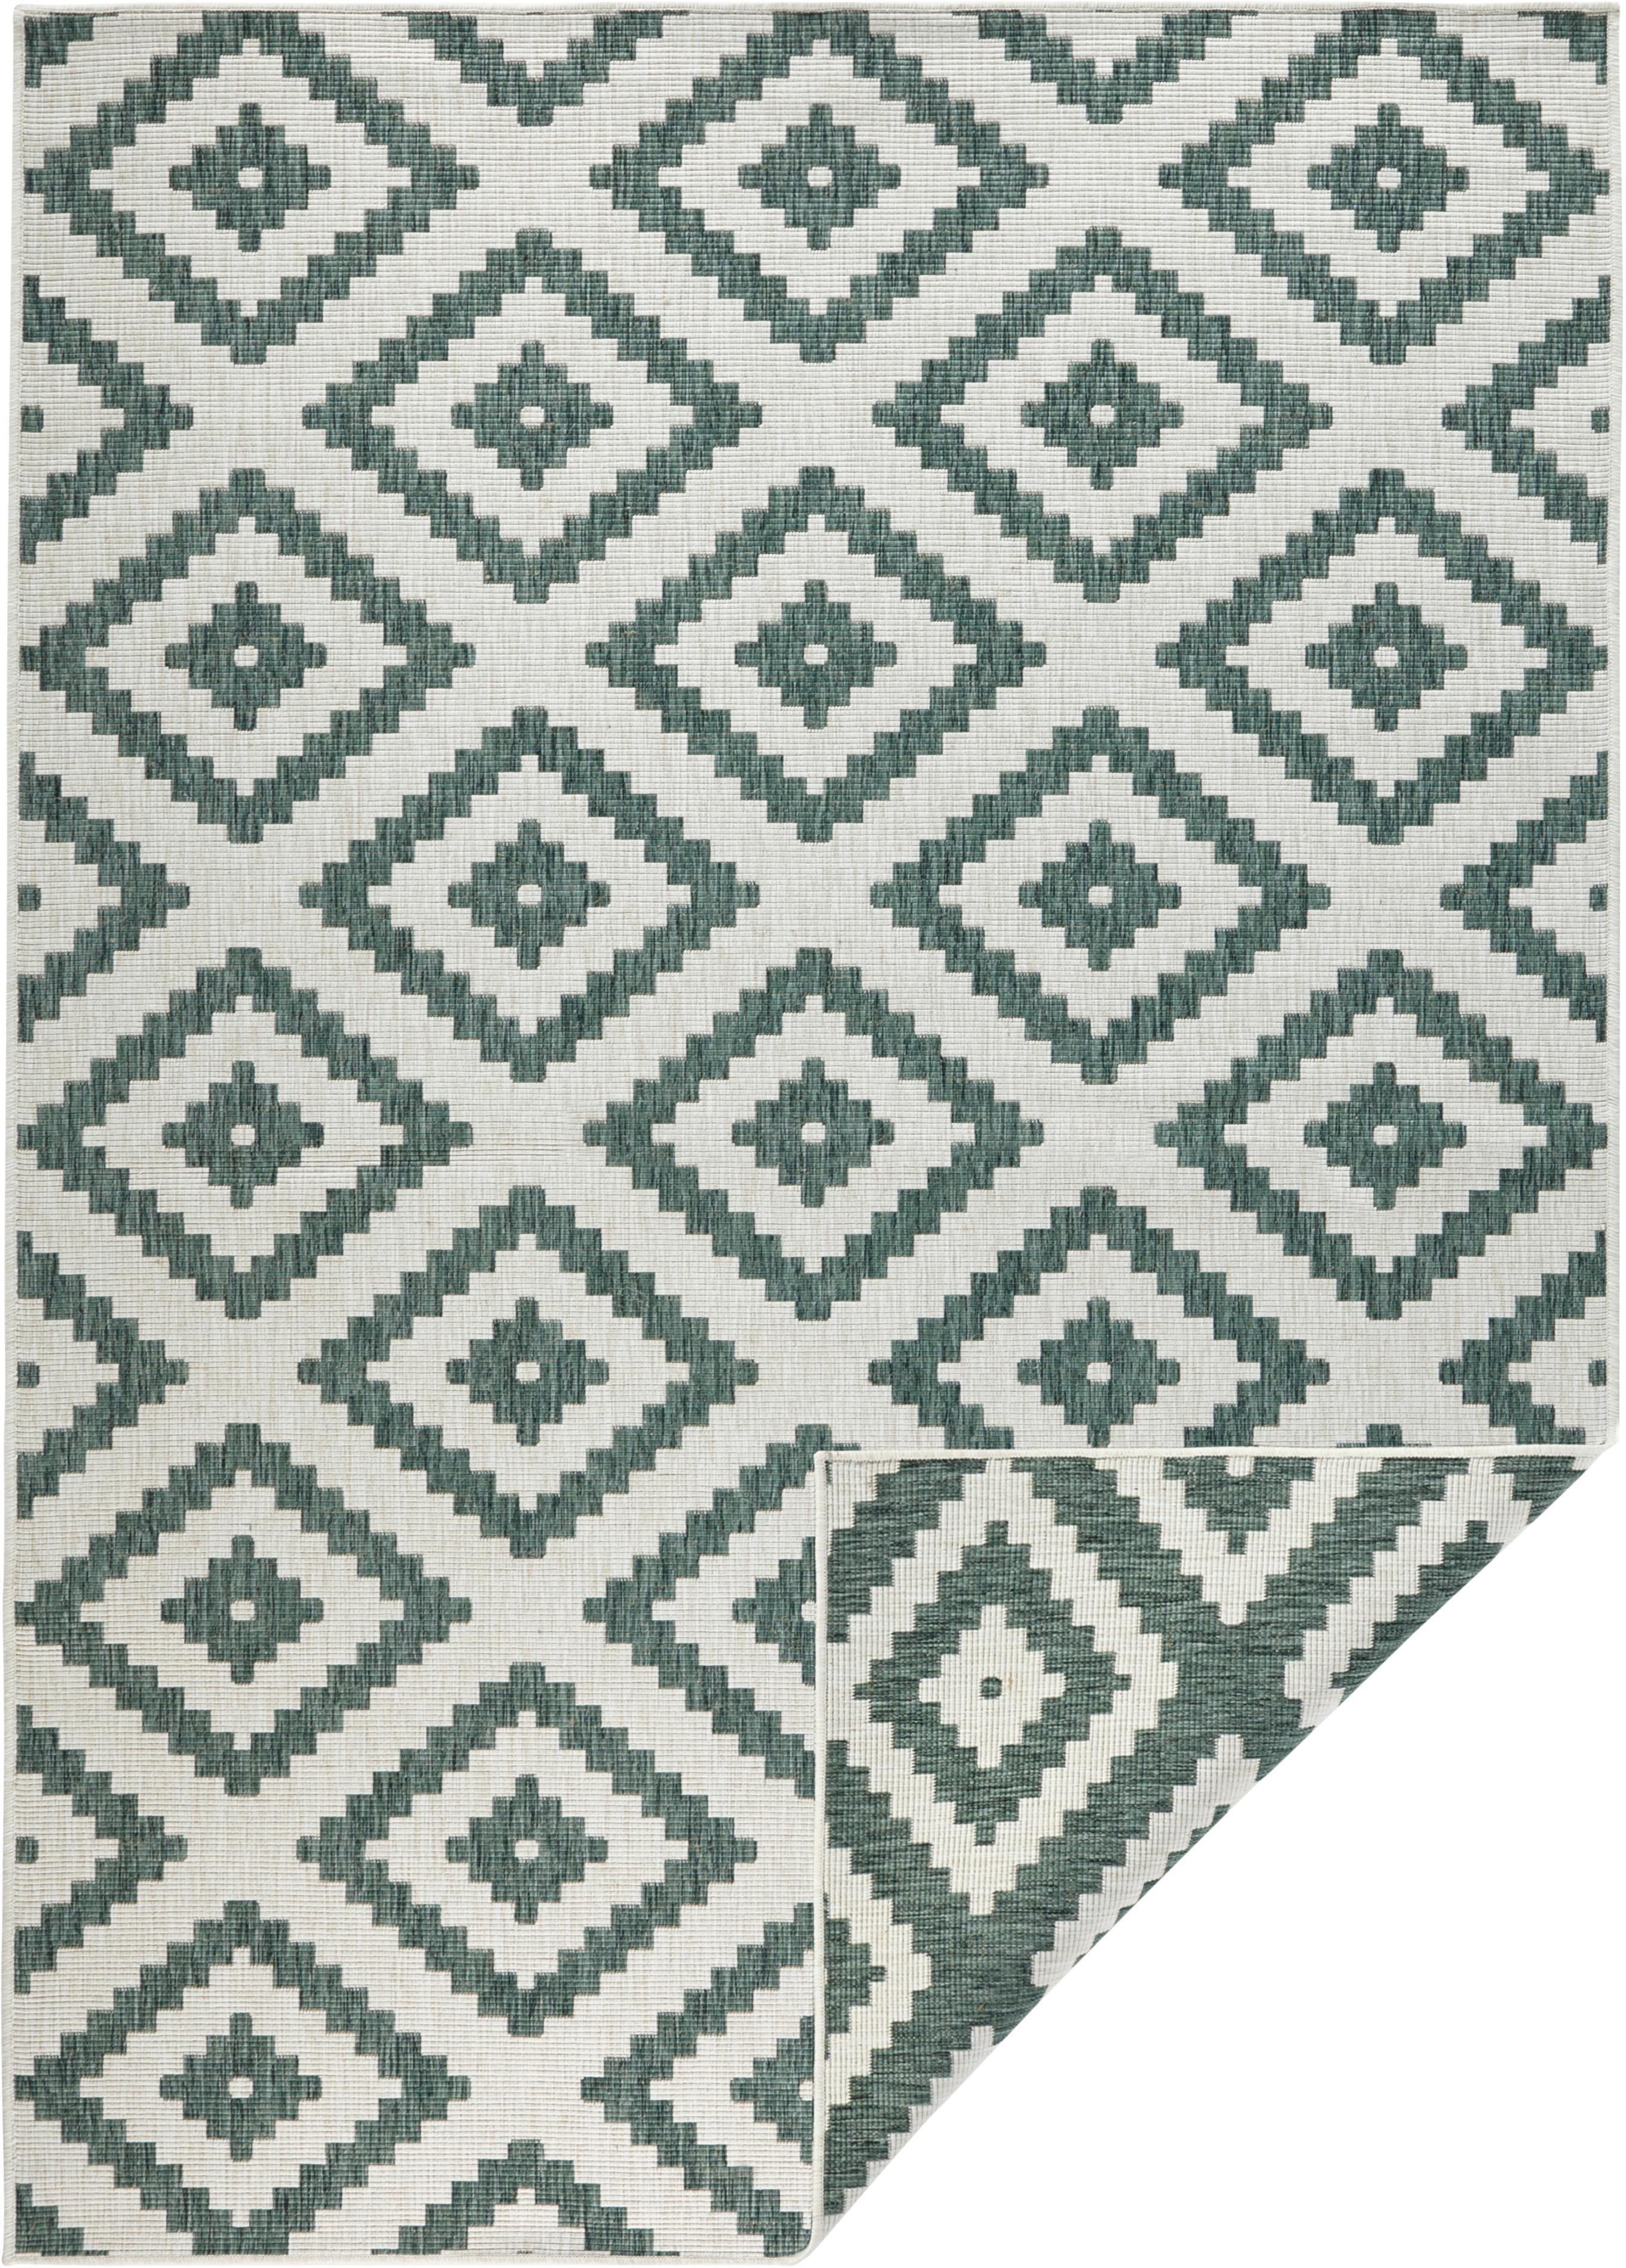 Dubbelzijdig in- en outdoor vloerkleed Malta, Groen, crèmekleurig, B 80 x L 150 cm (maat XS)